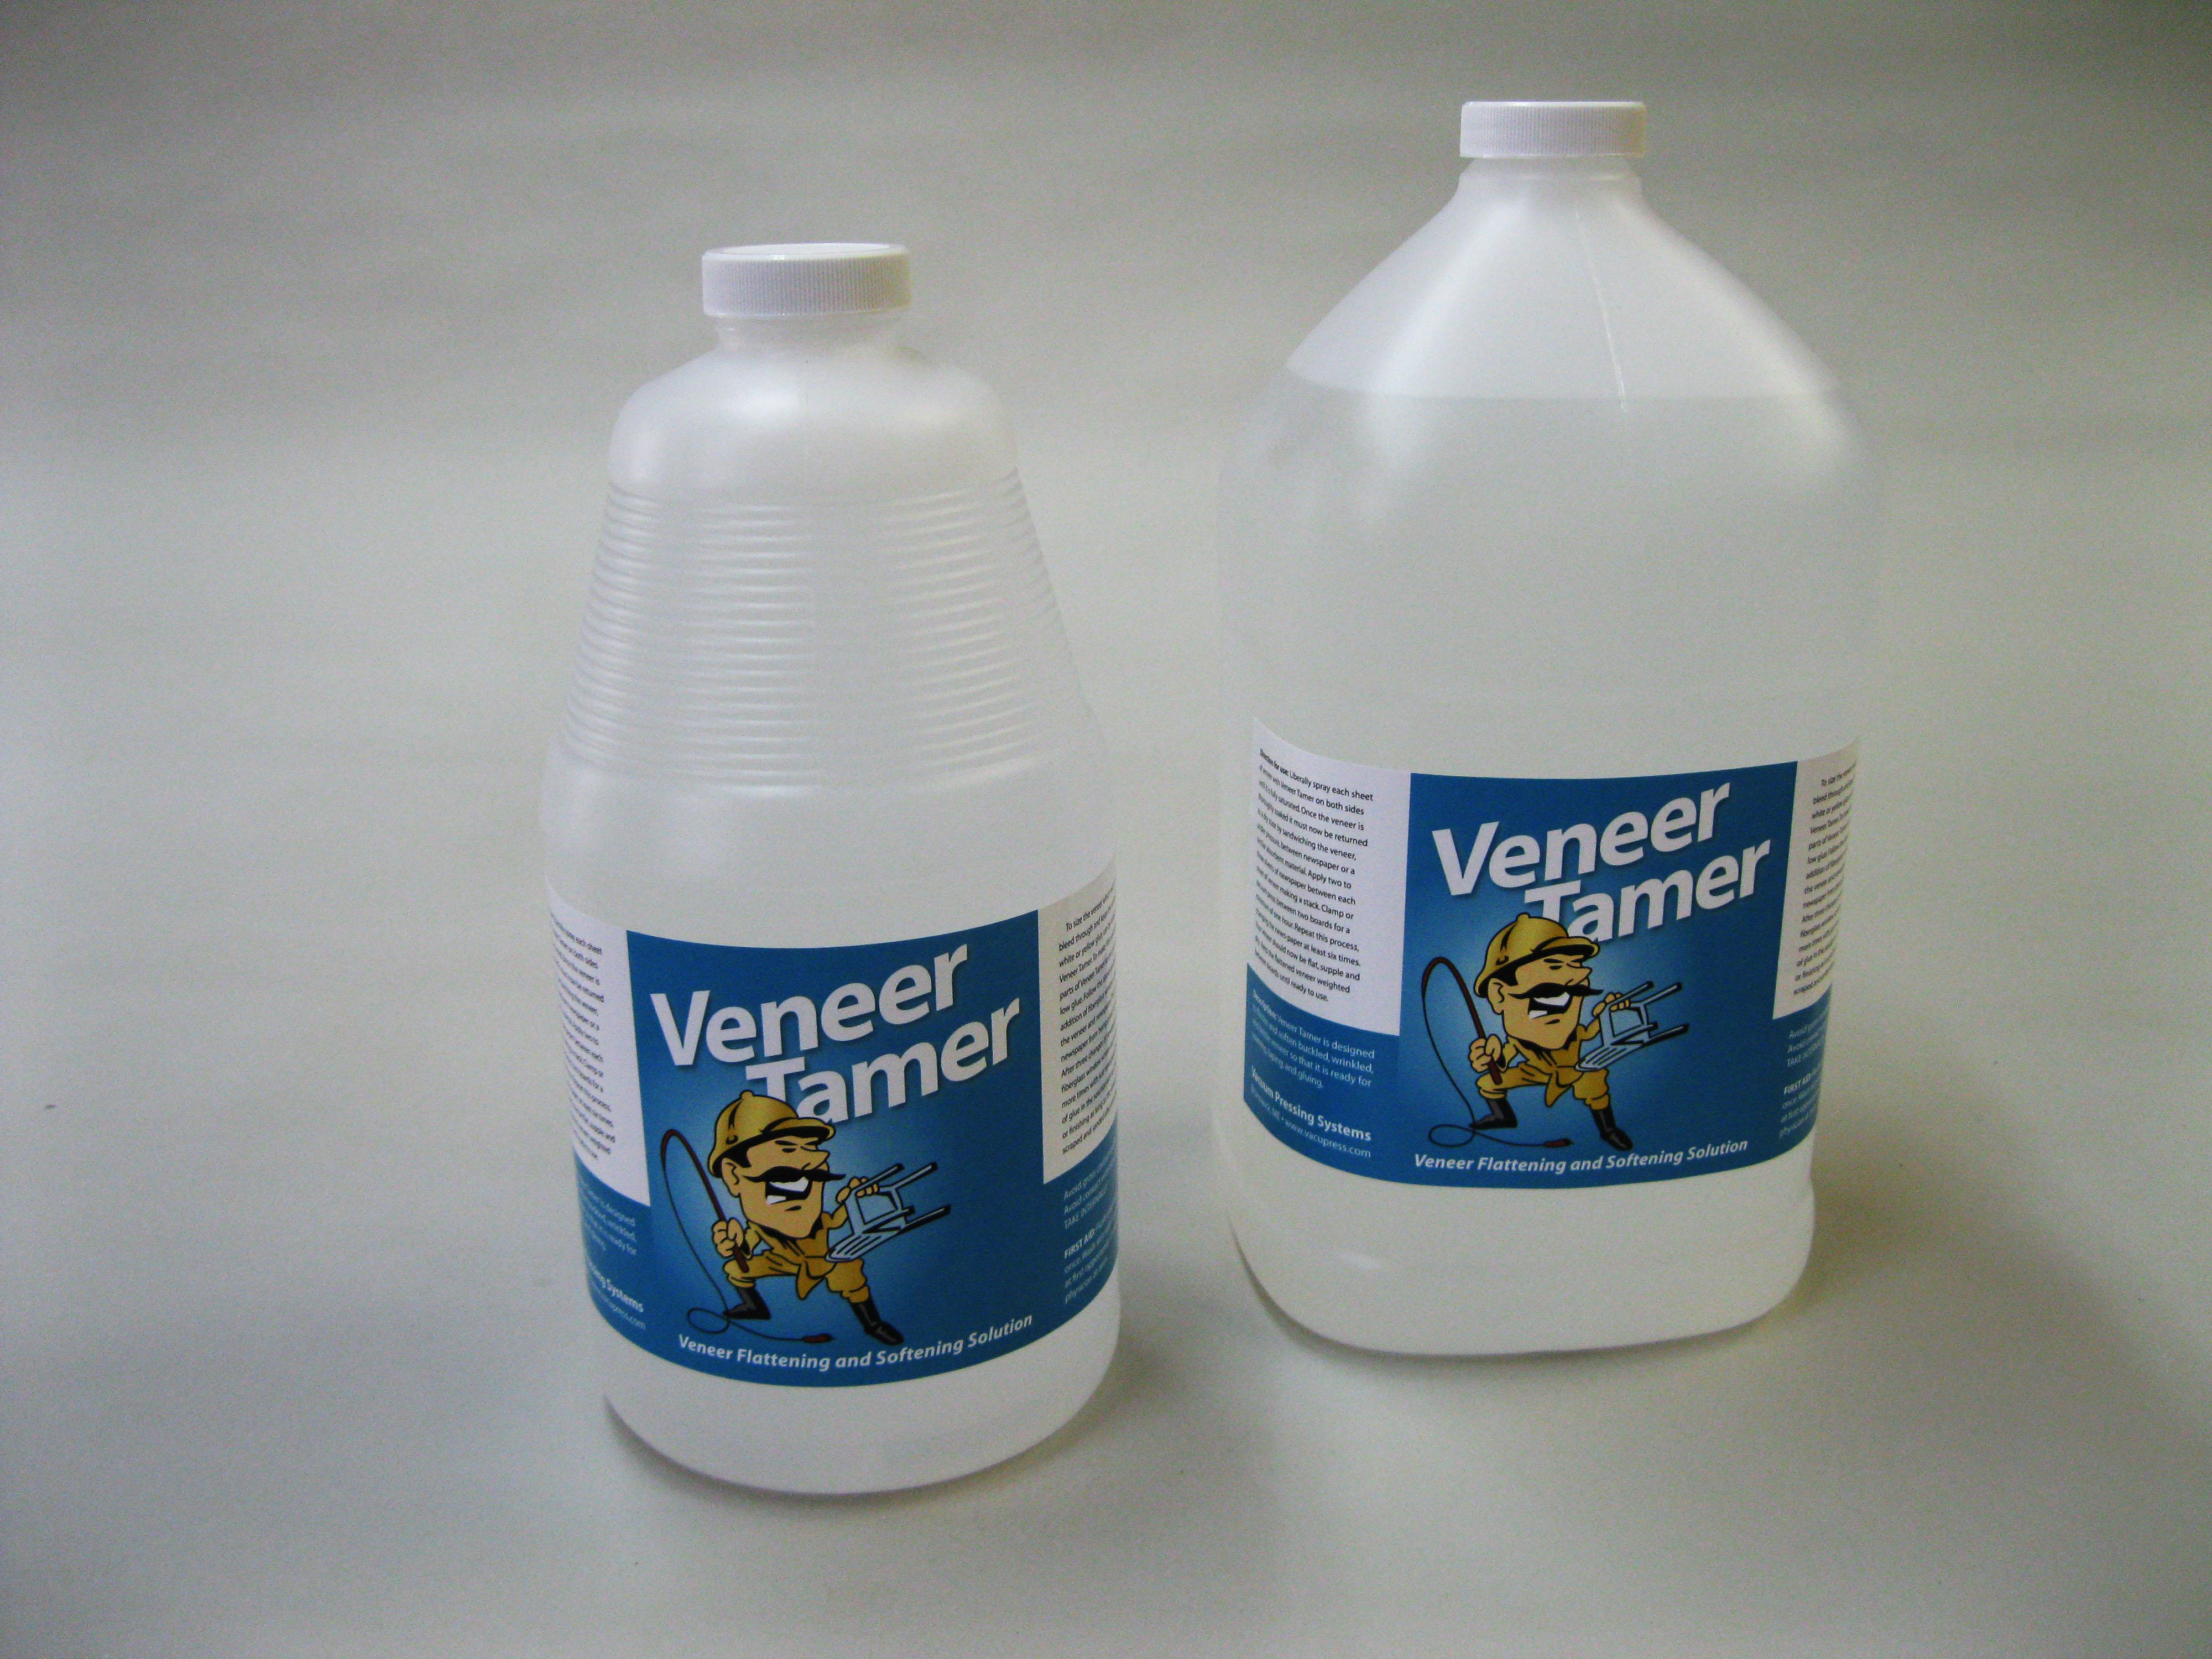 Veneer Tamer